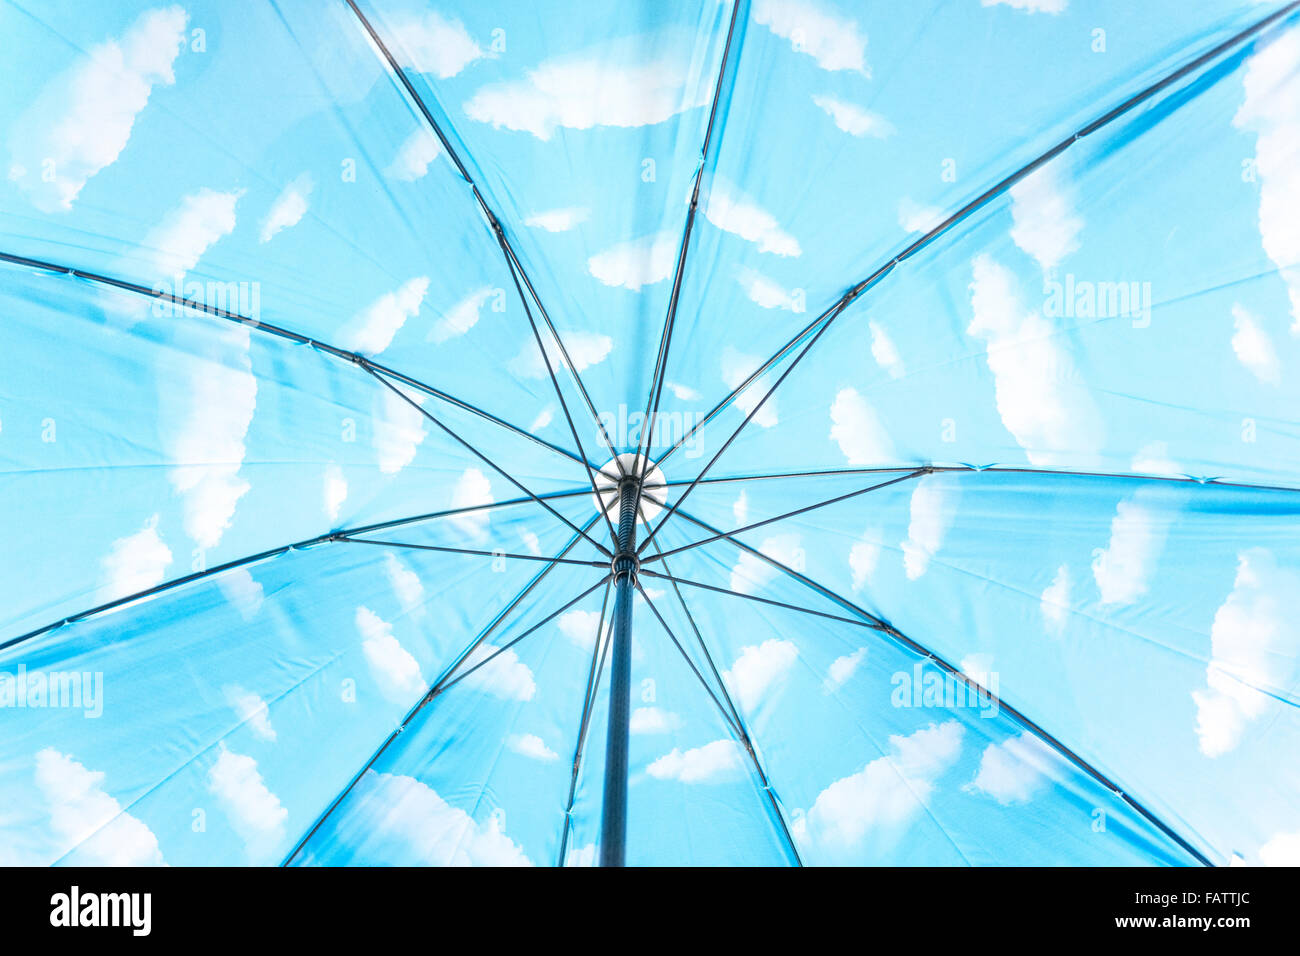 Im Inneren einen Regenschirm mit weißen Wolken am blauen Himmel. Ein Verweis auf Magritte oder Optimismus und Stockbild